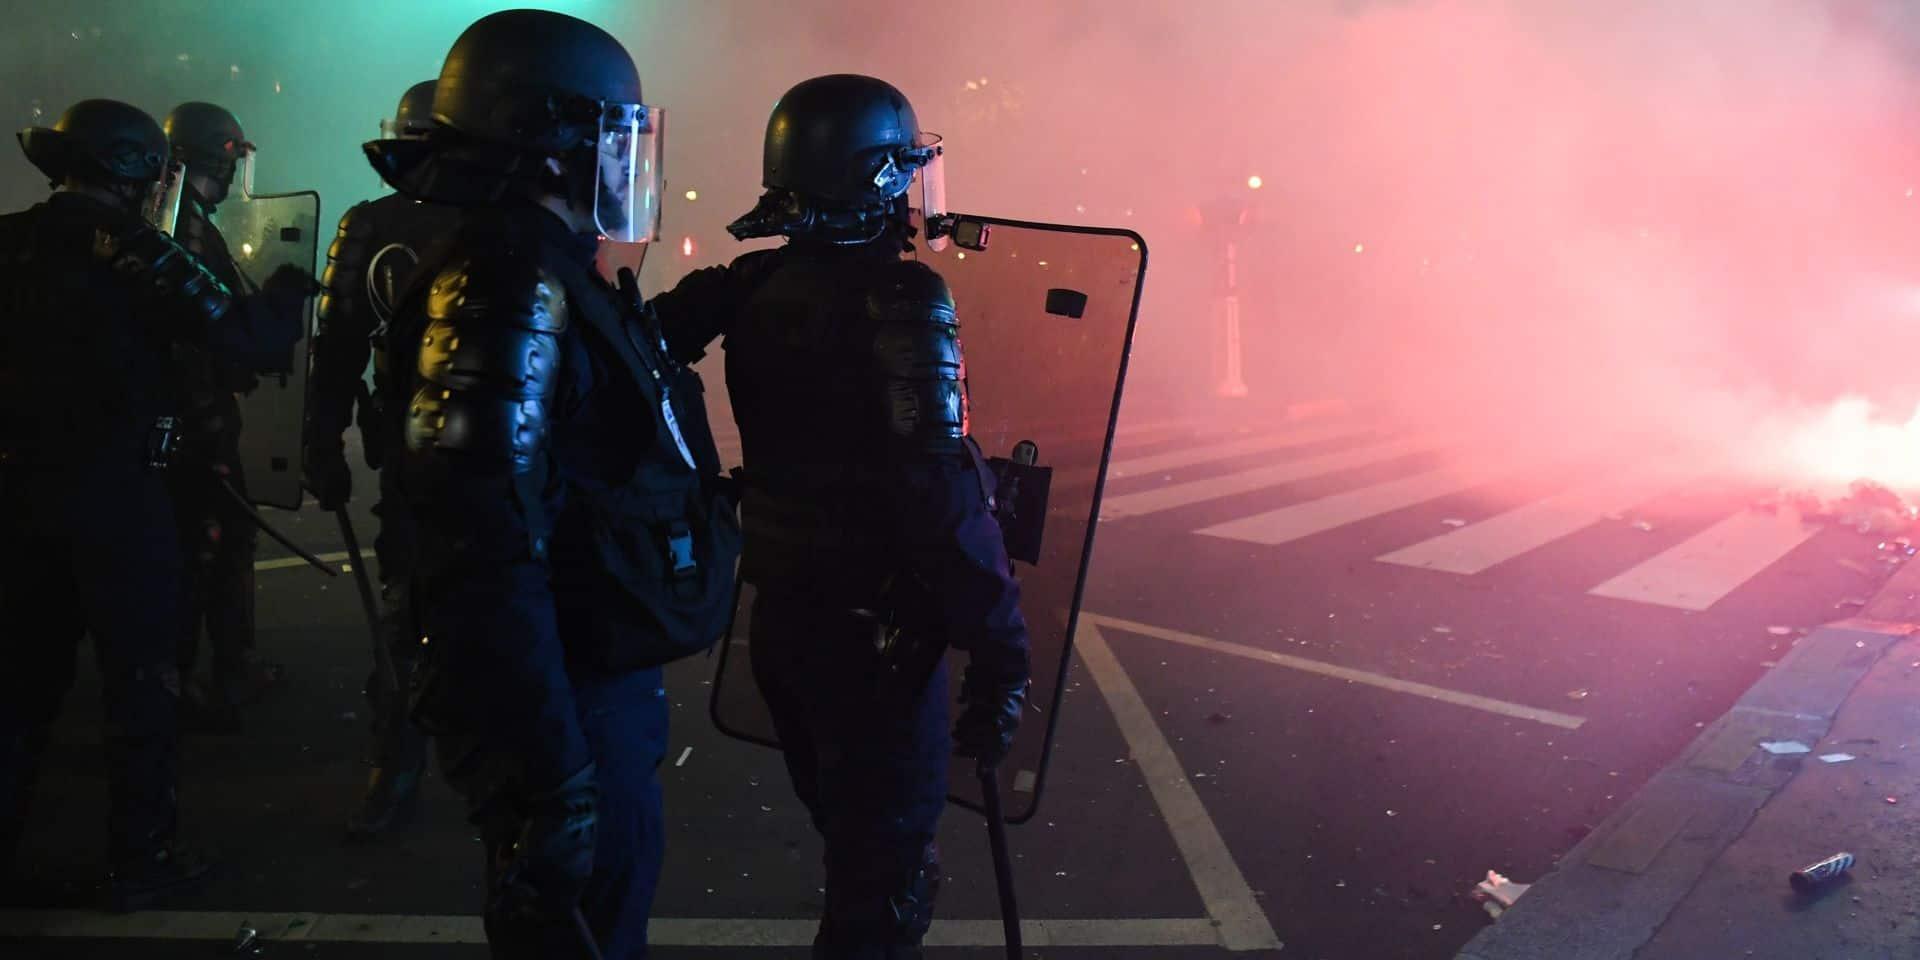 Manifestation contre la réforme des retraites en France: des policiers ont-ils cassé une vitrine ?